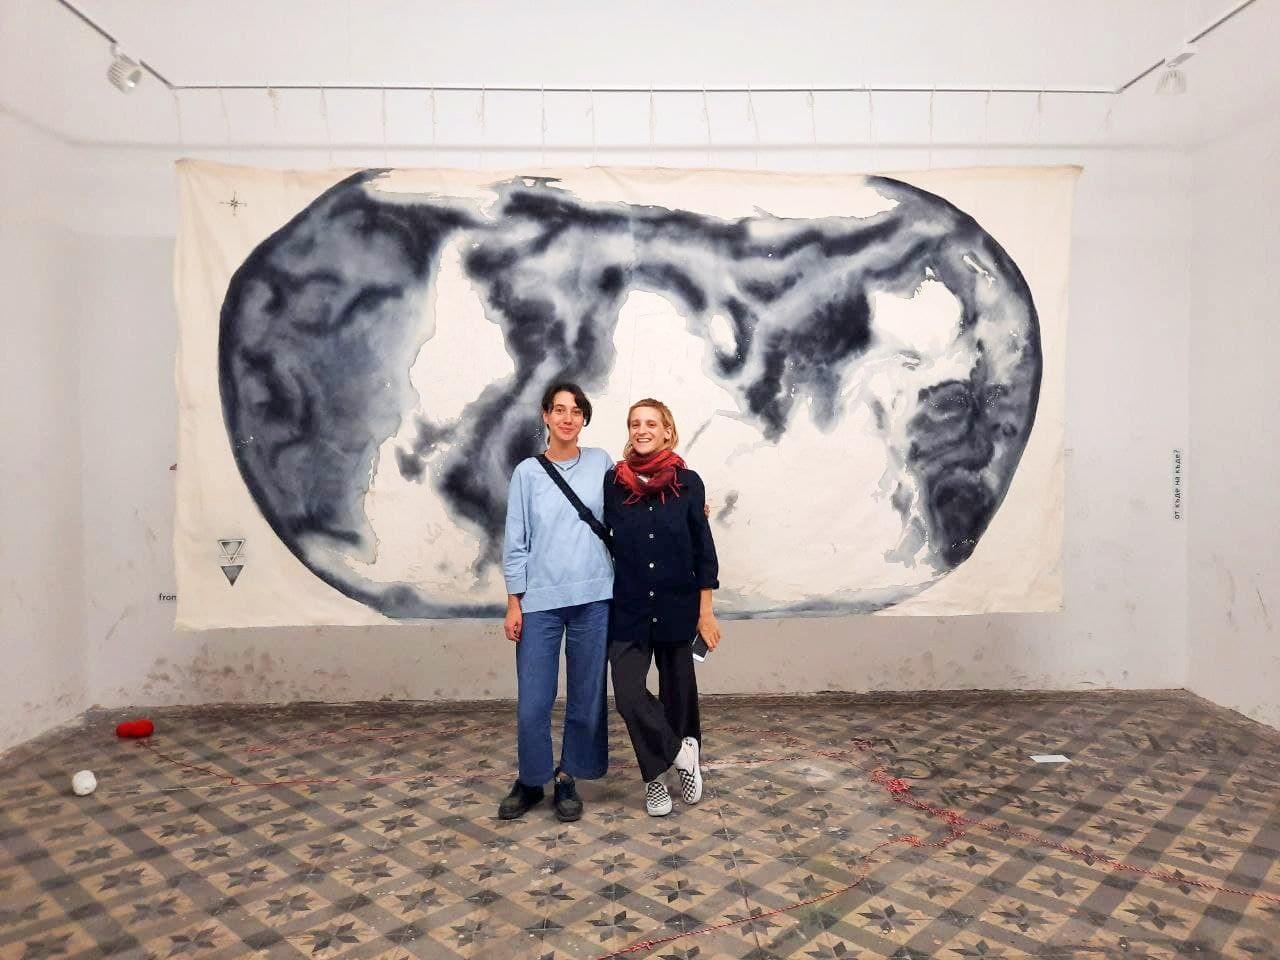 """Sub'dan Derin Uludağ ve İlayda Tunca, """"Nereden Nereye?"""" çalışmasının önünde © istanbulberlin"""